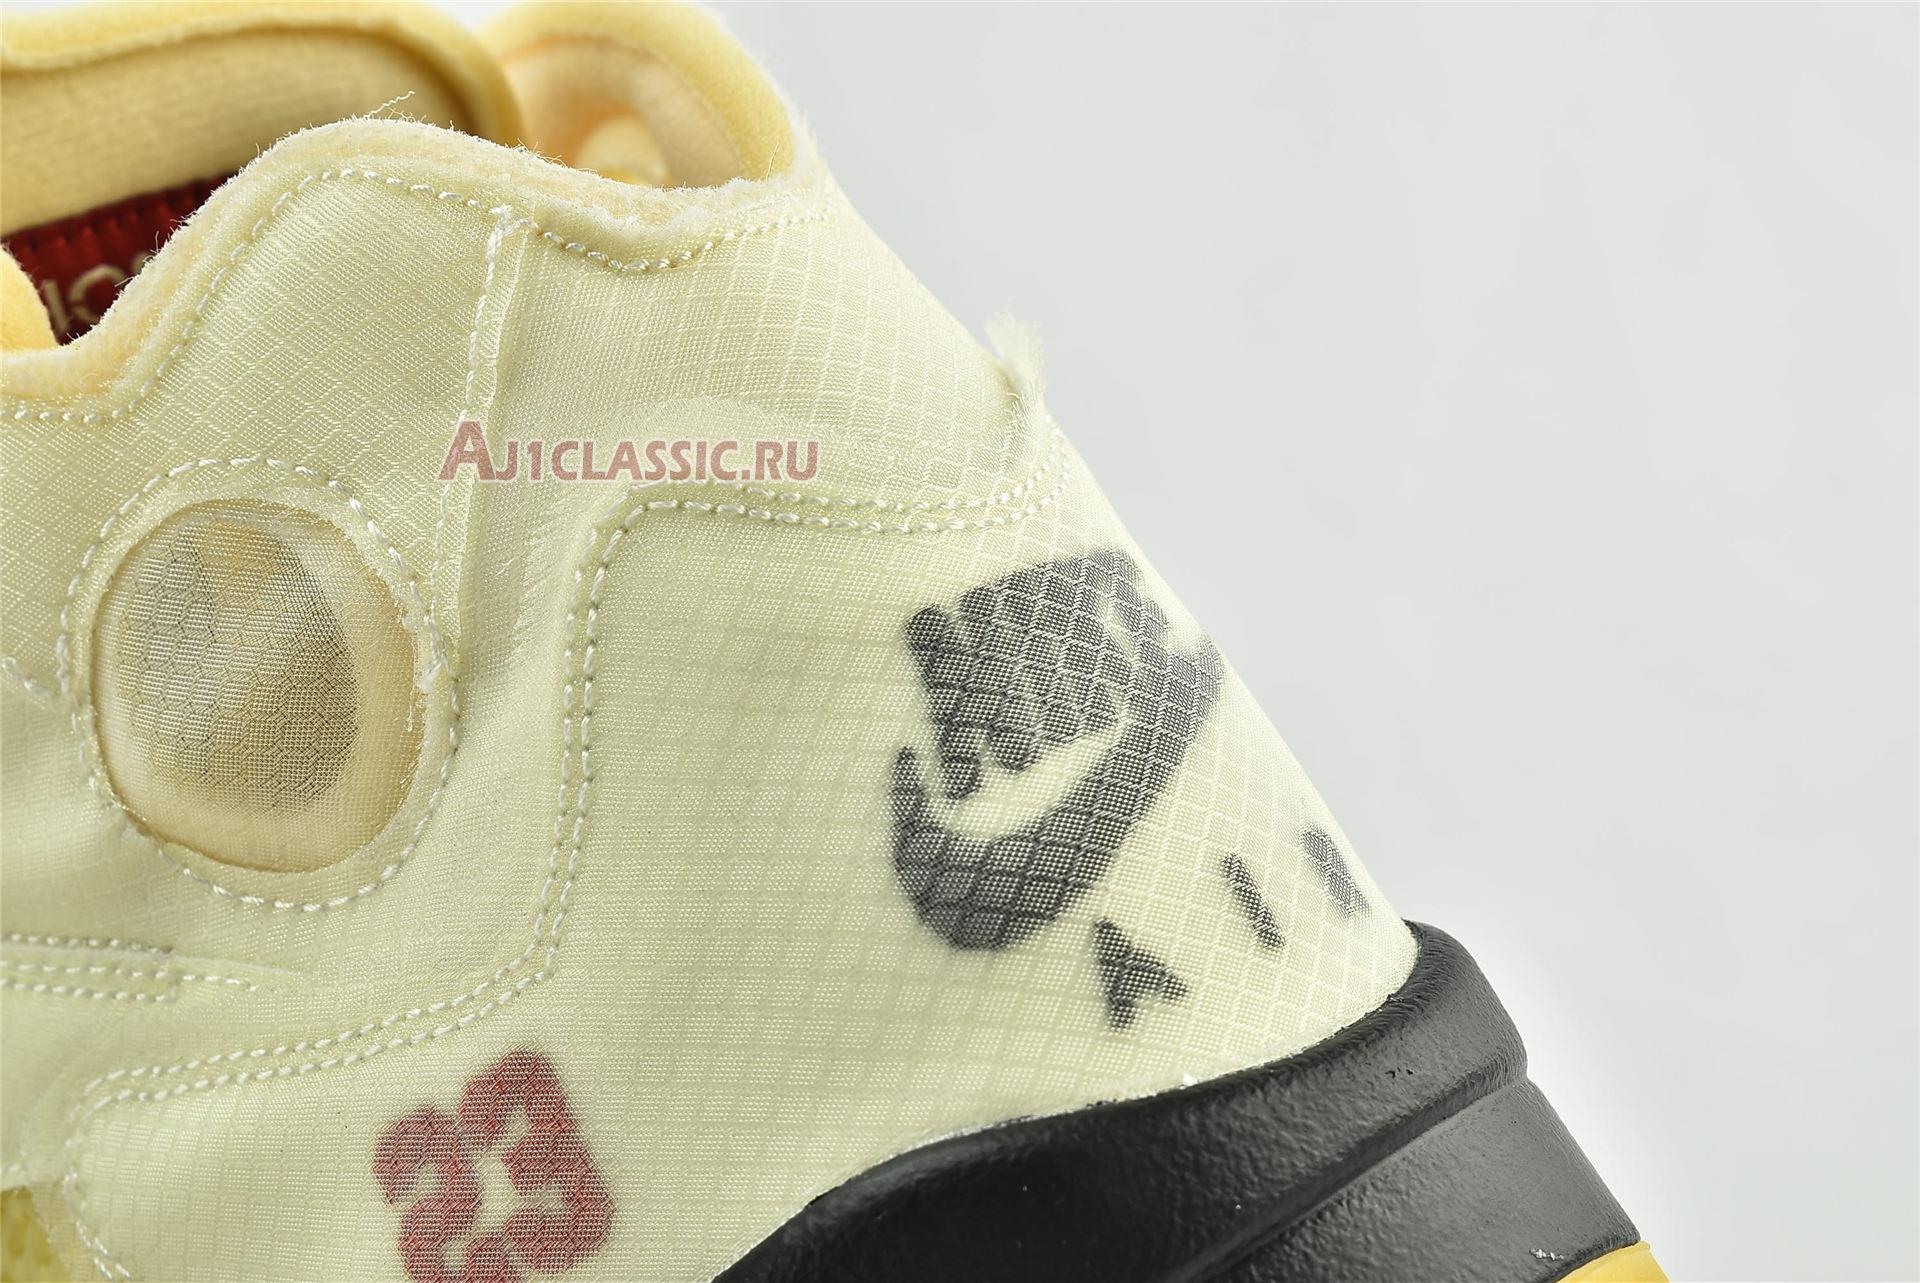 """Off-White x Air Jordan 5 SP """"Sail"""" DH8565-100"""